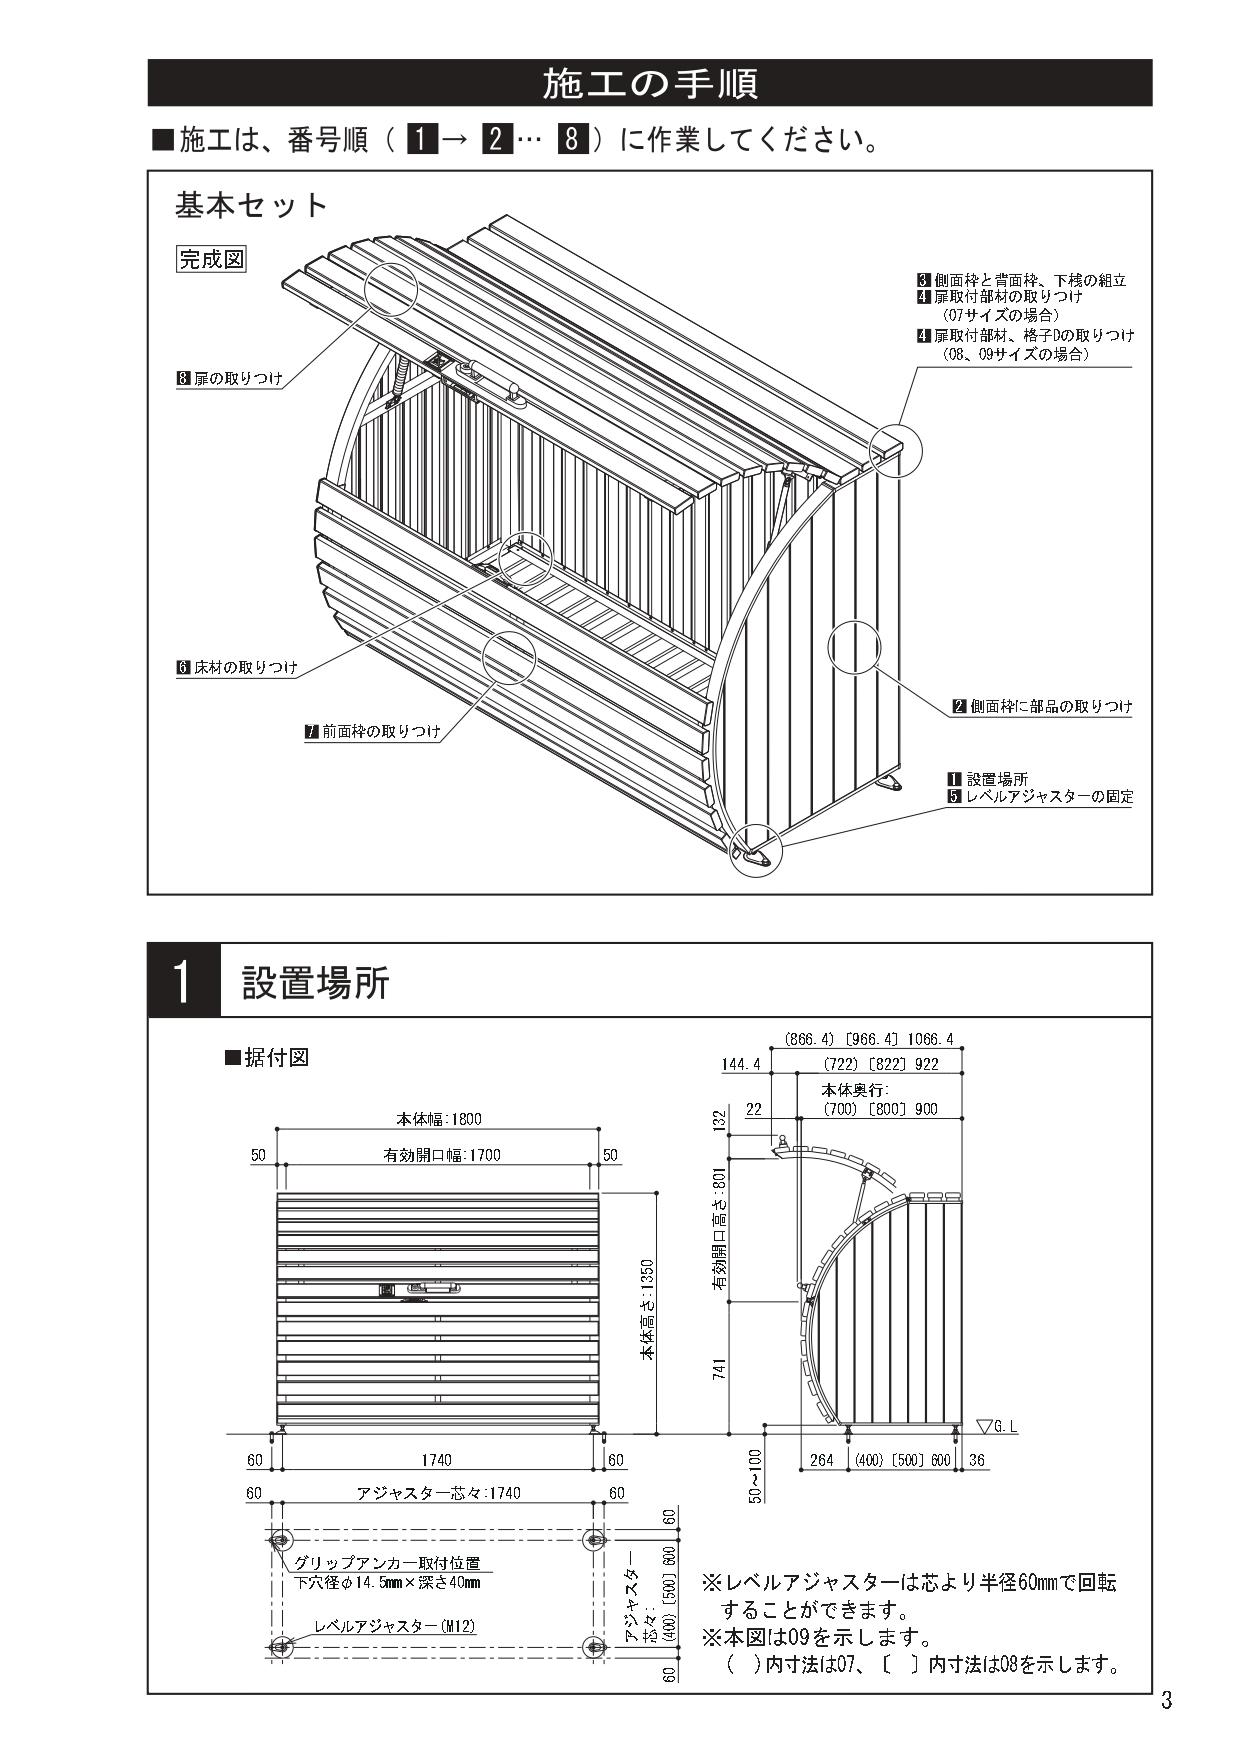 ゴミストッカーWP2型 施工説明書_page-0003